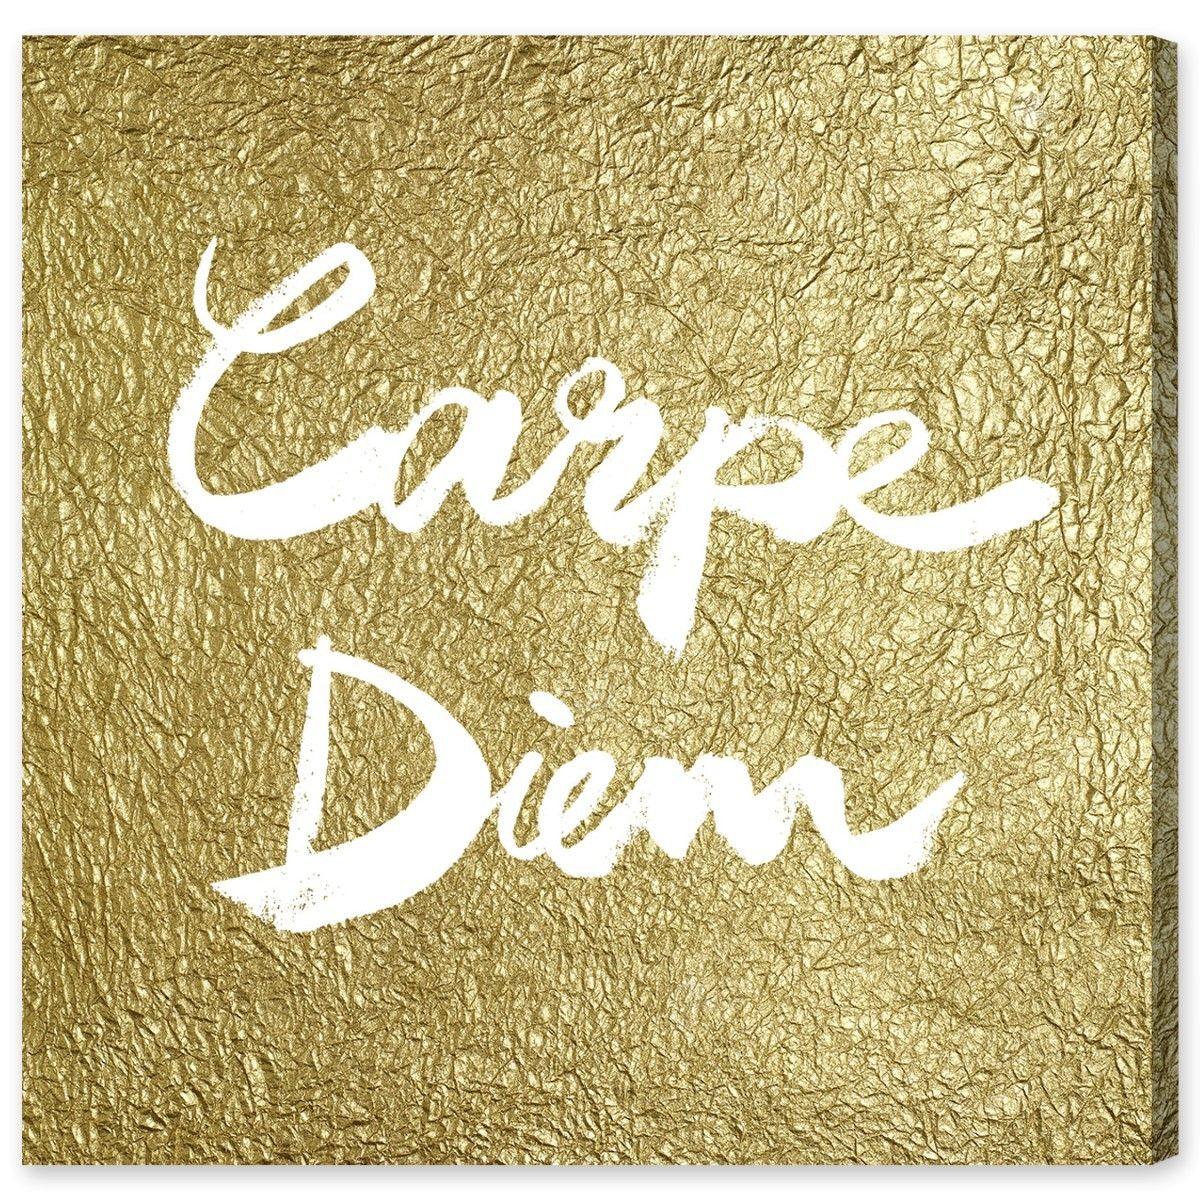 Carpe Diem Gold Textual Art Plaque | Products | Pinterest | Carpe ...